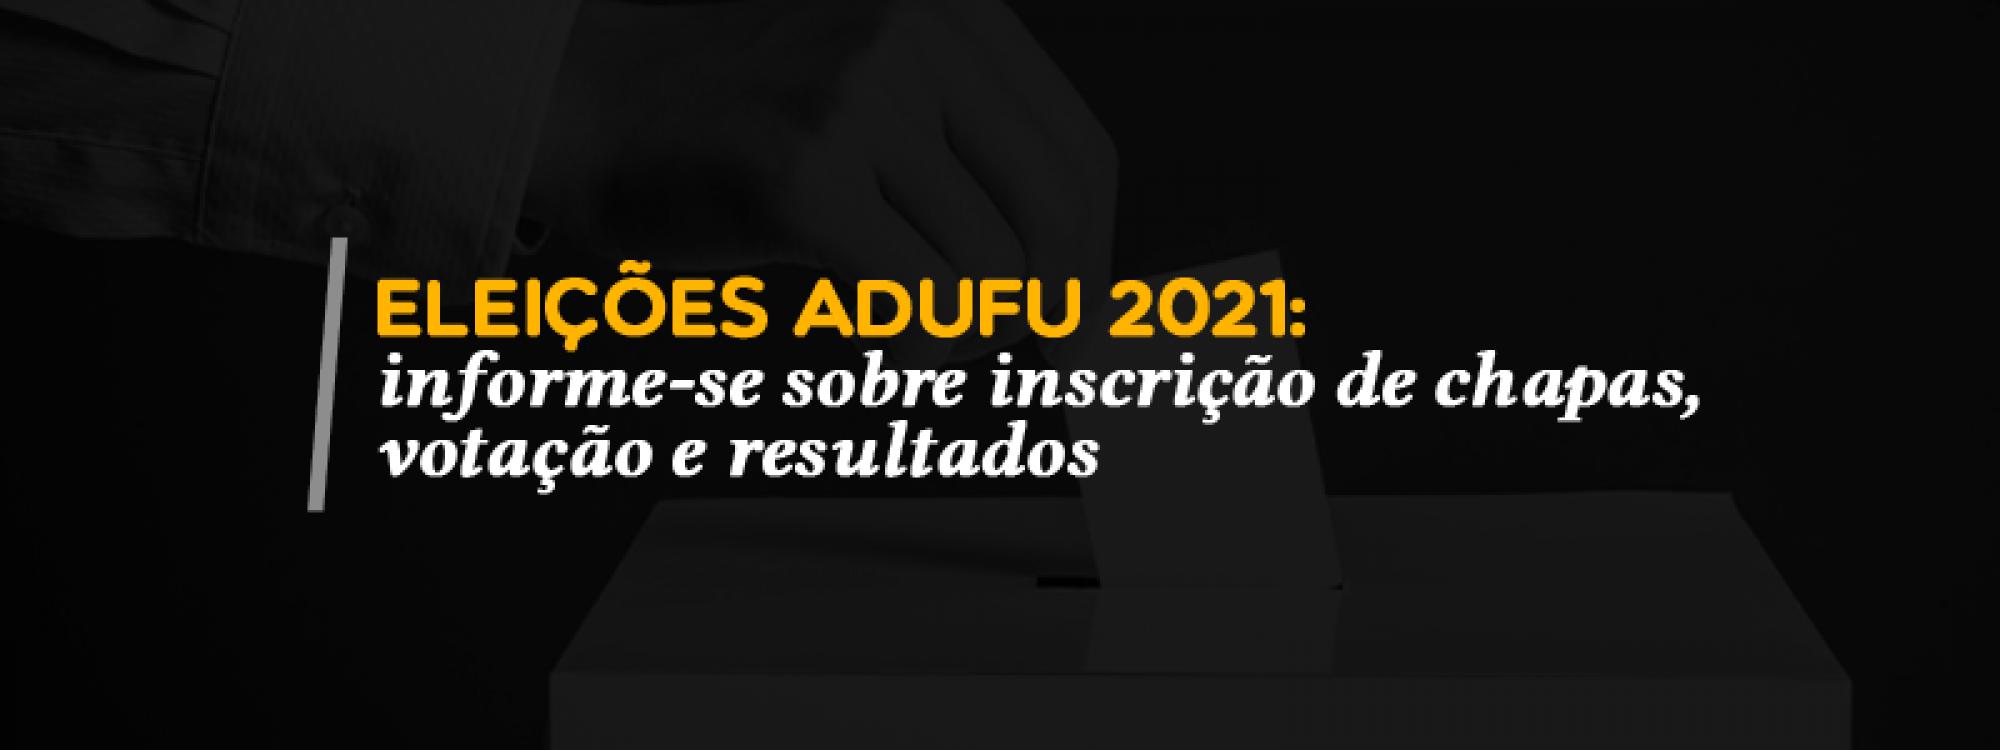 Eleições ADUFU 2021: informe-se sobre inscrição de chapas, votação e resultados